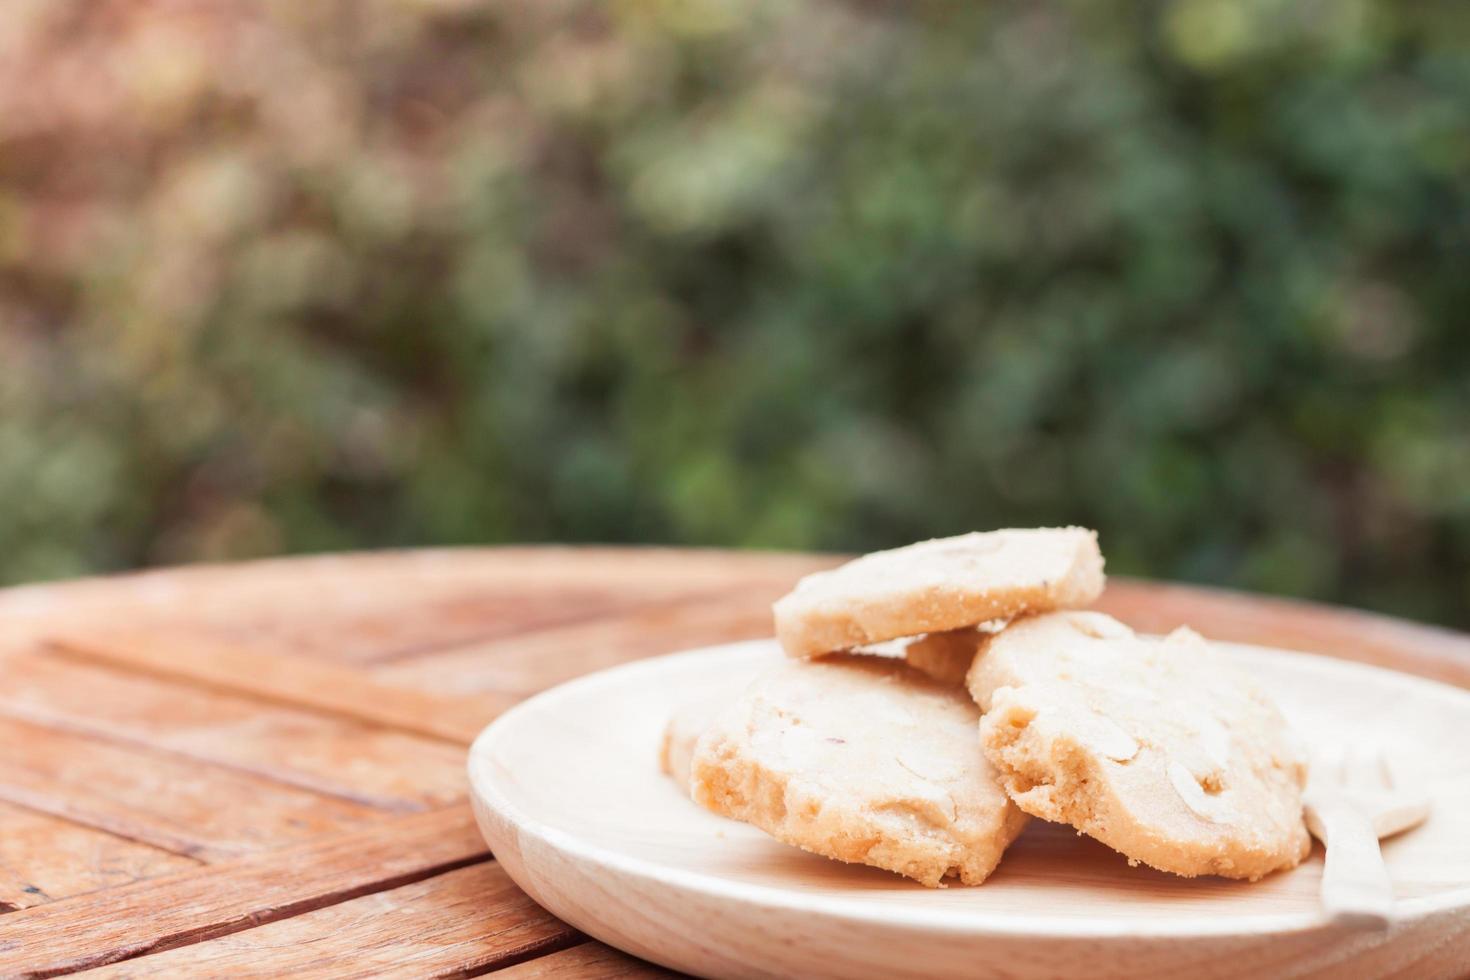 kakor på träplattan på ett utomhusbord foto